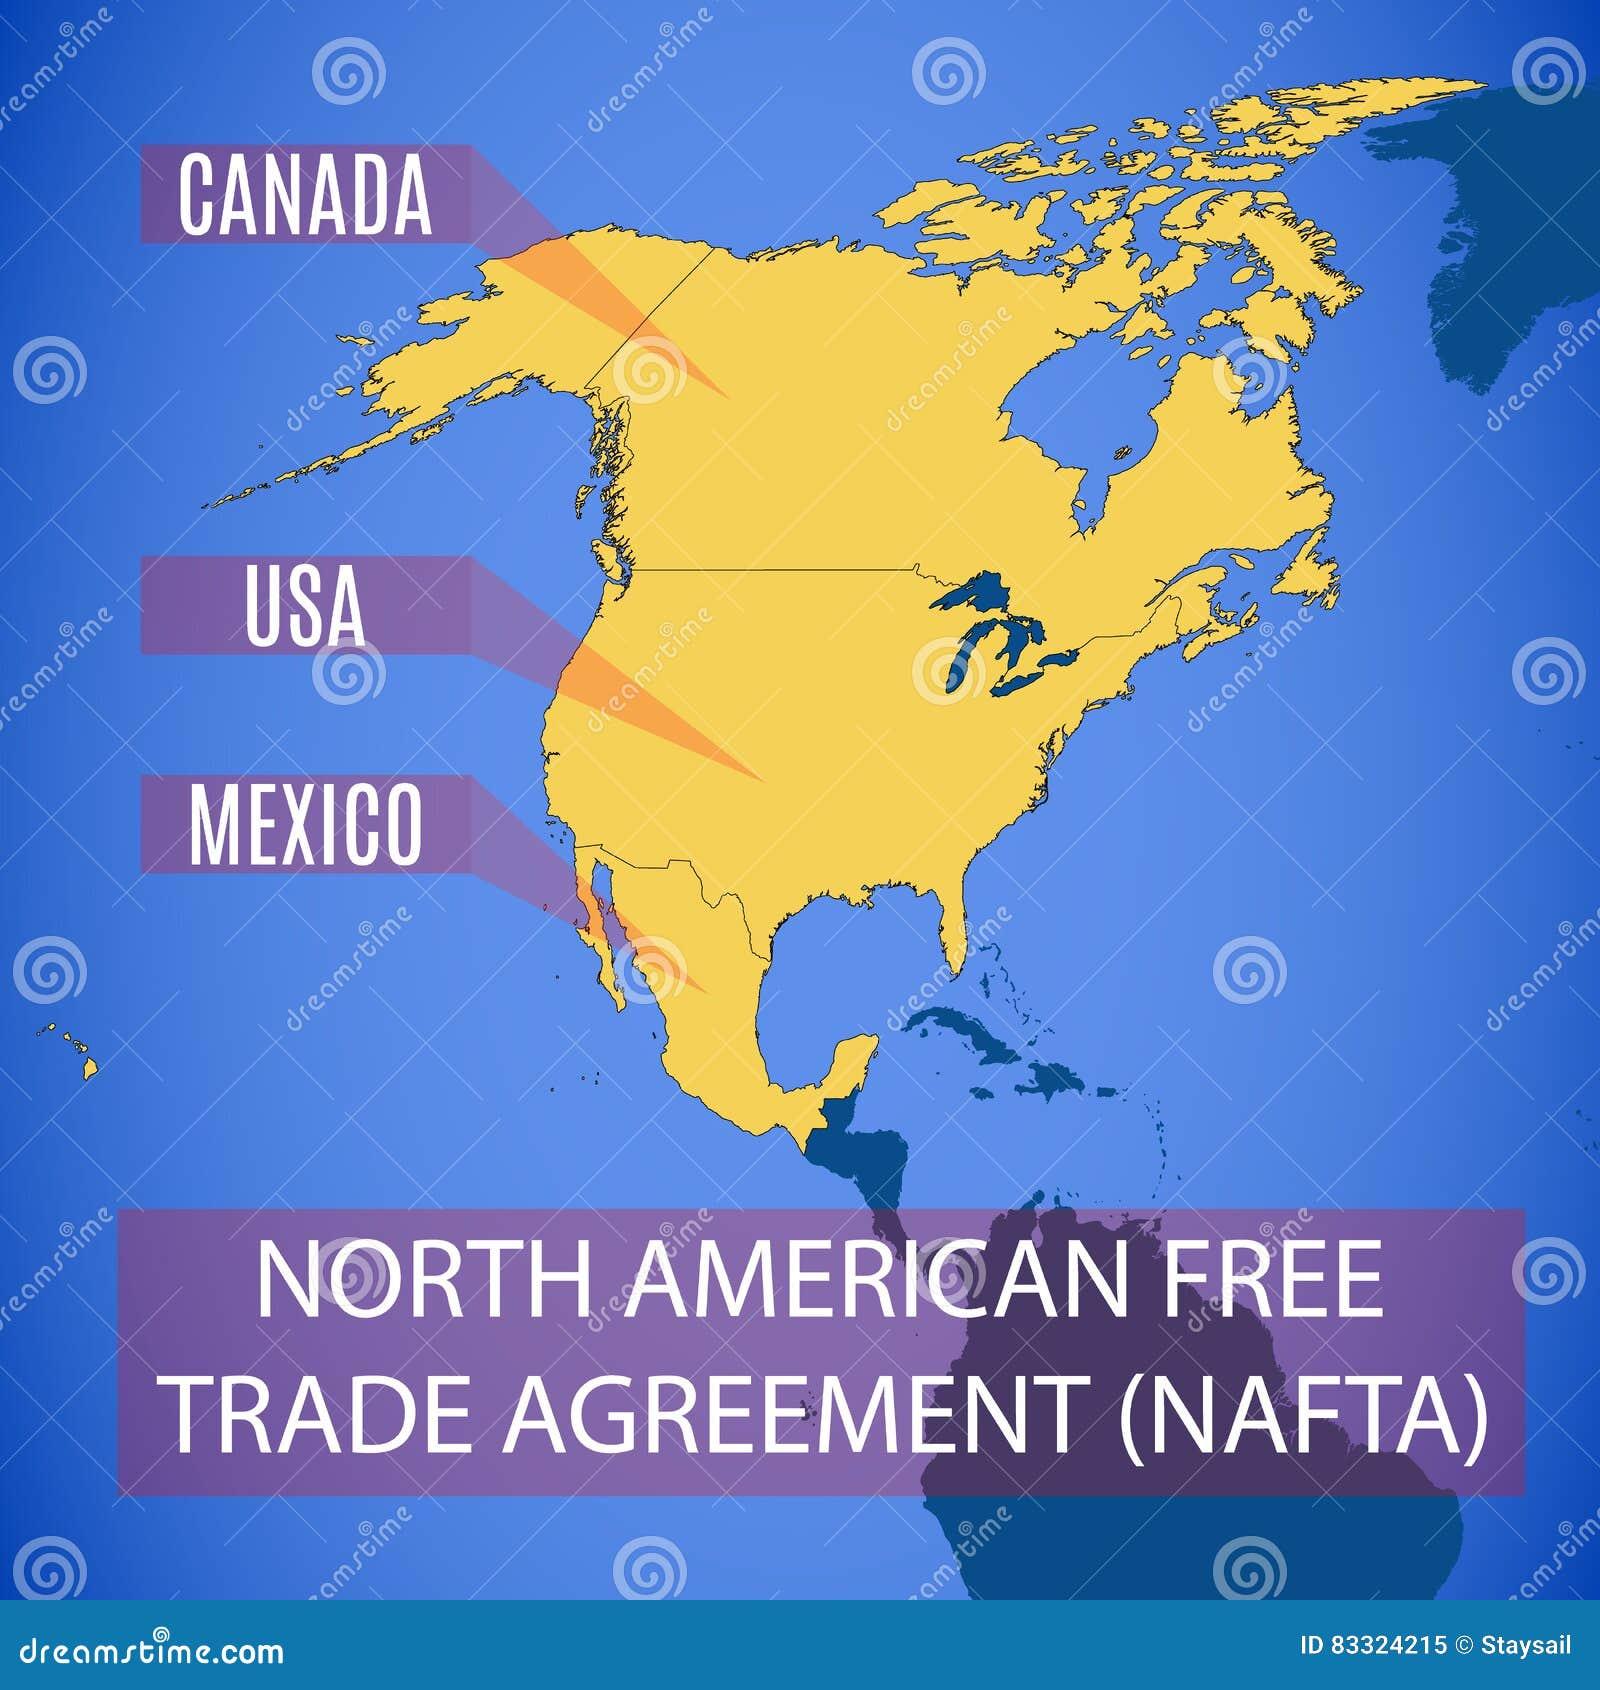 Vector o mapa do NAFTA livre norte-americano do acordo de comércio